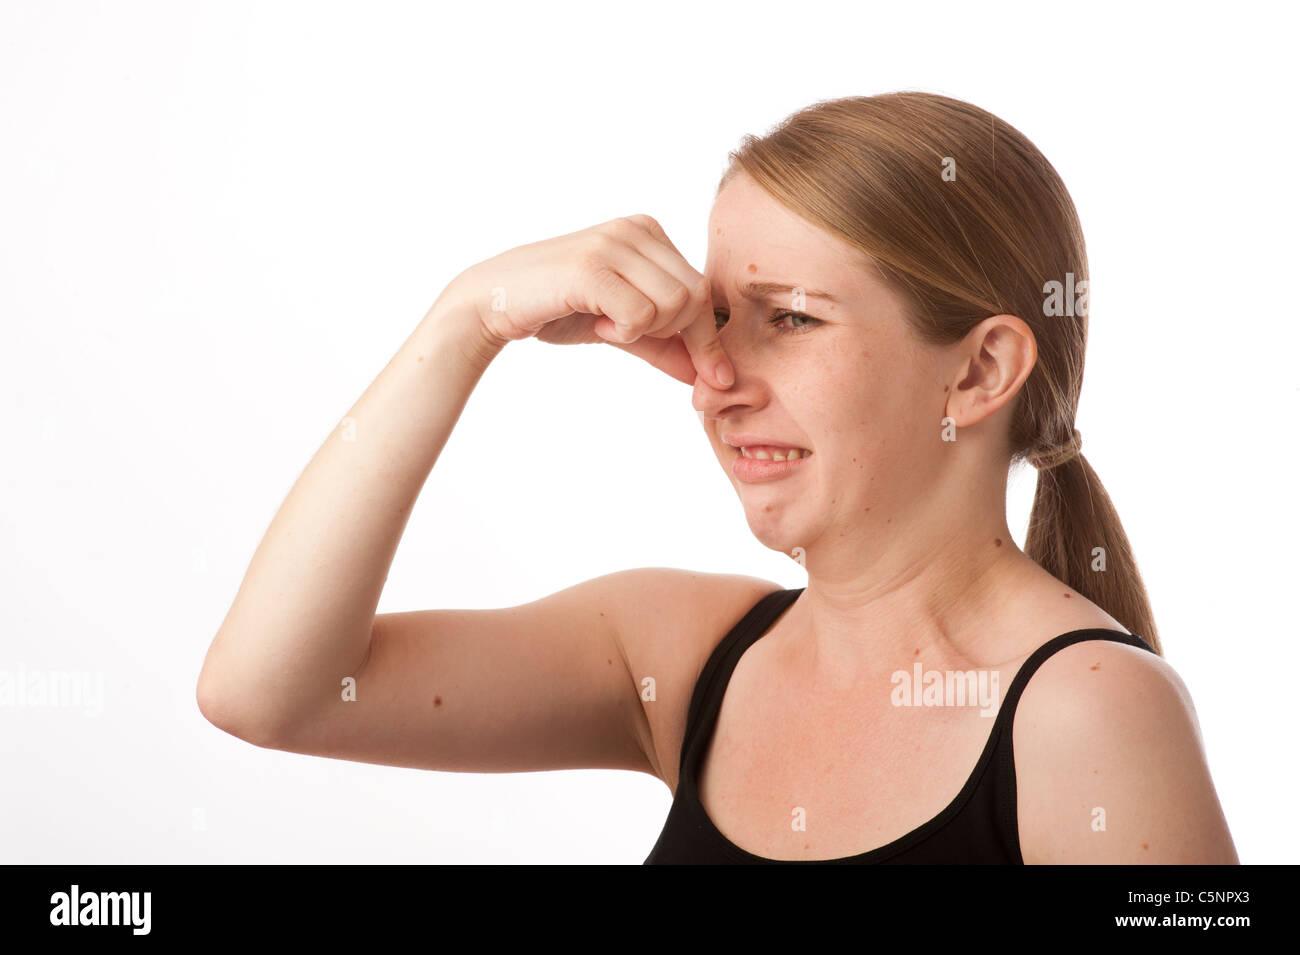 Una giovane donna caucasica mentre tiene il suo naso per alleviare una brutta puzzolente odore Immagini Stock